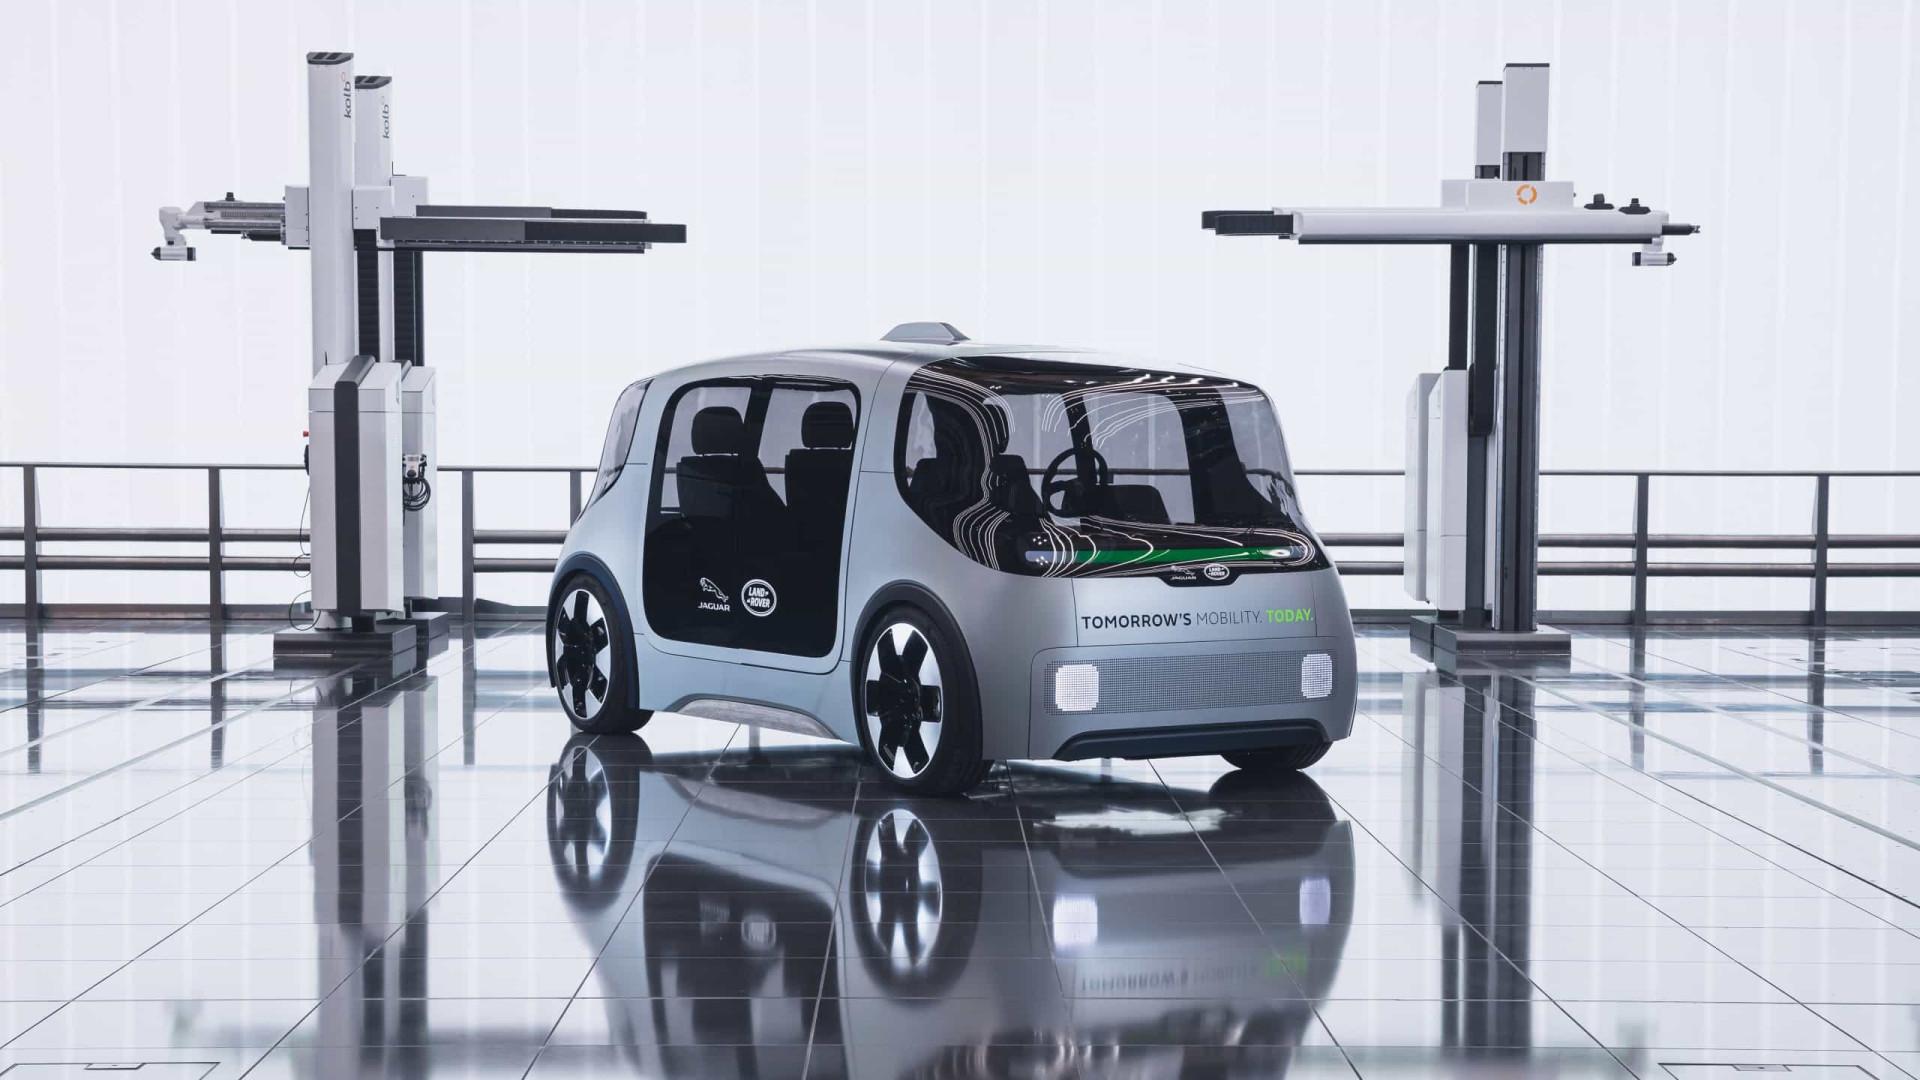 Jaguar Land Rover desvendou um novo 'concept' para viagens partilhadas